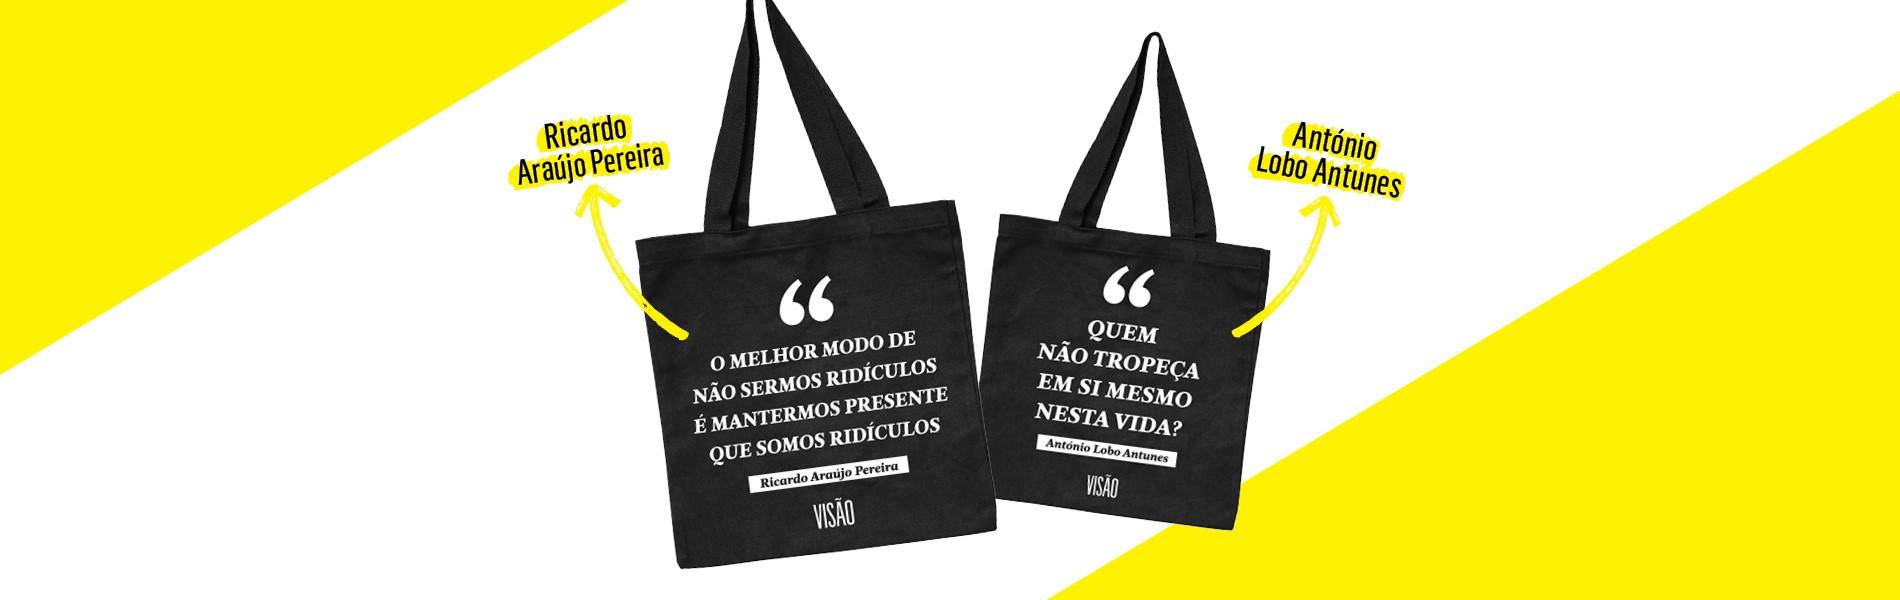 VISÃO oferece sacos de Ricardo Araújo Pereira e António Lobo Antunes com assinatura